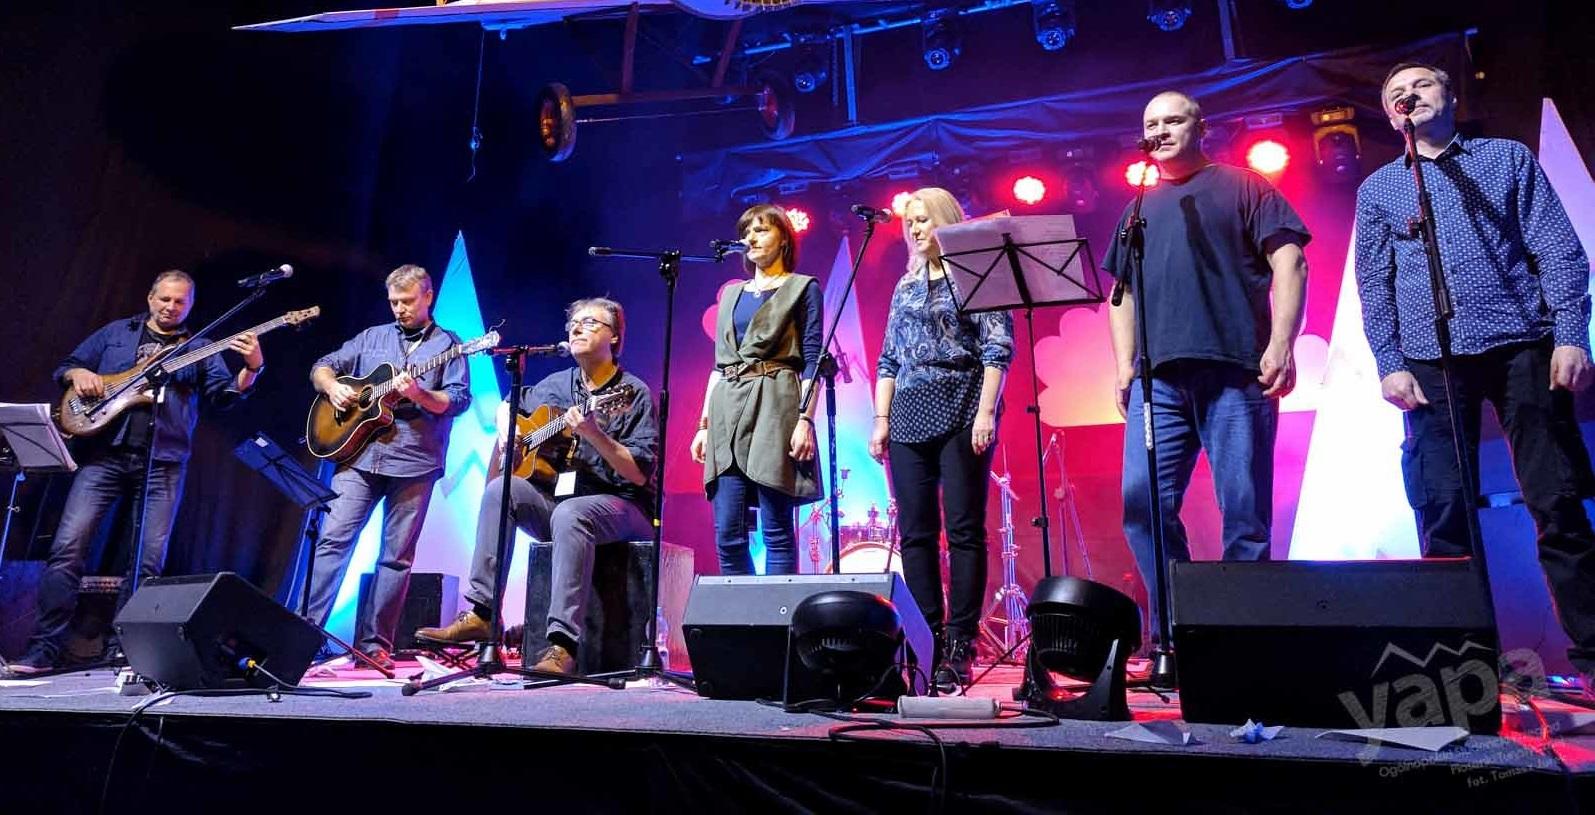 Zespół muzyczny stoi na scenie, 3 osoby graja na gitarach, 4 śpiewają